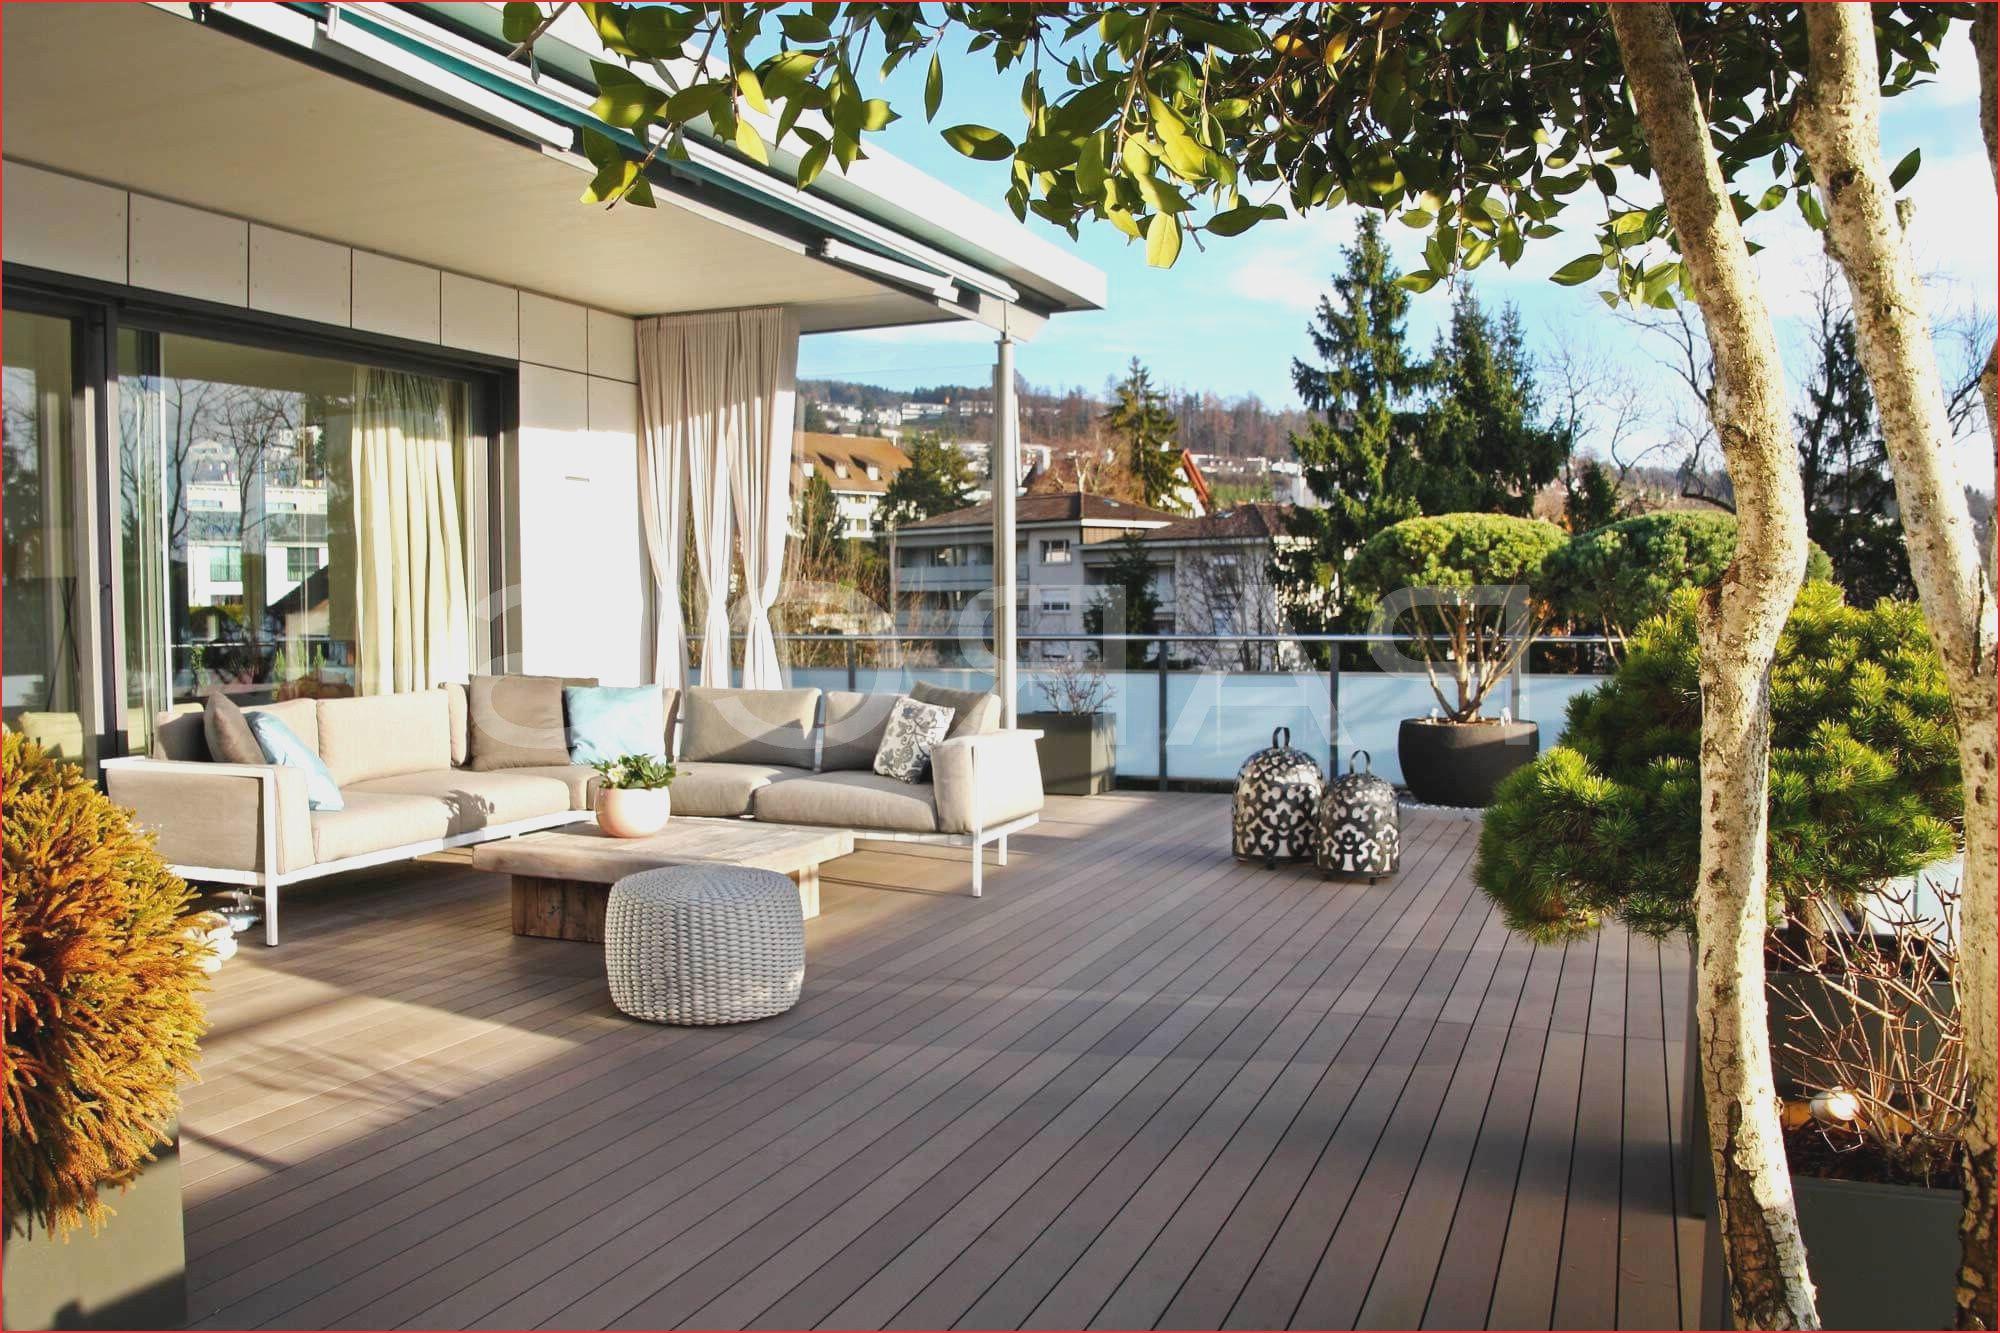 Garten Design 27 Frisch Grosse Terrasse Gemutlich Gestalten